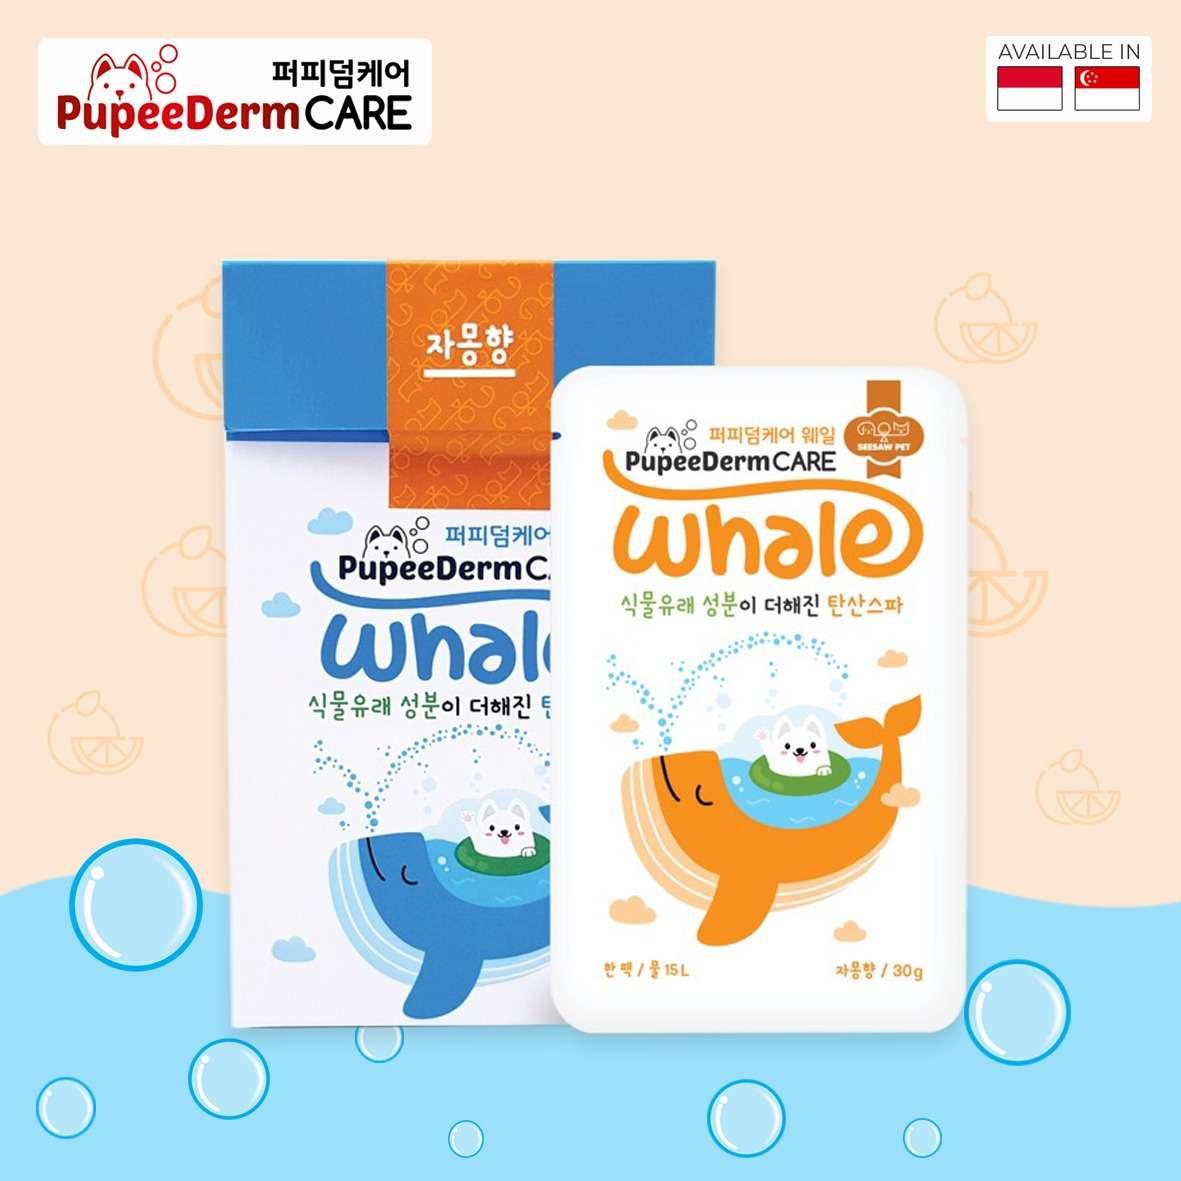 Pupeederm Care - Whale - Hair Care Rosemary Photo